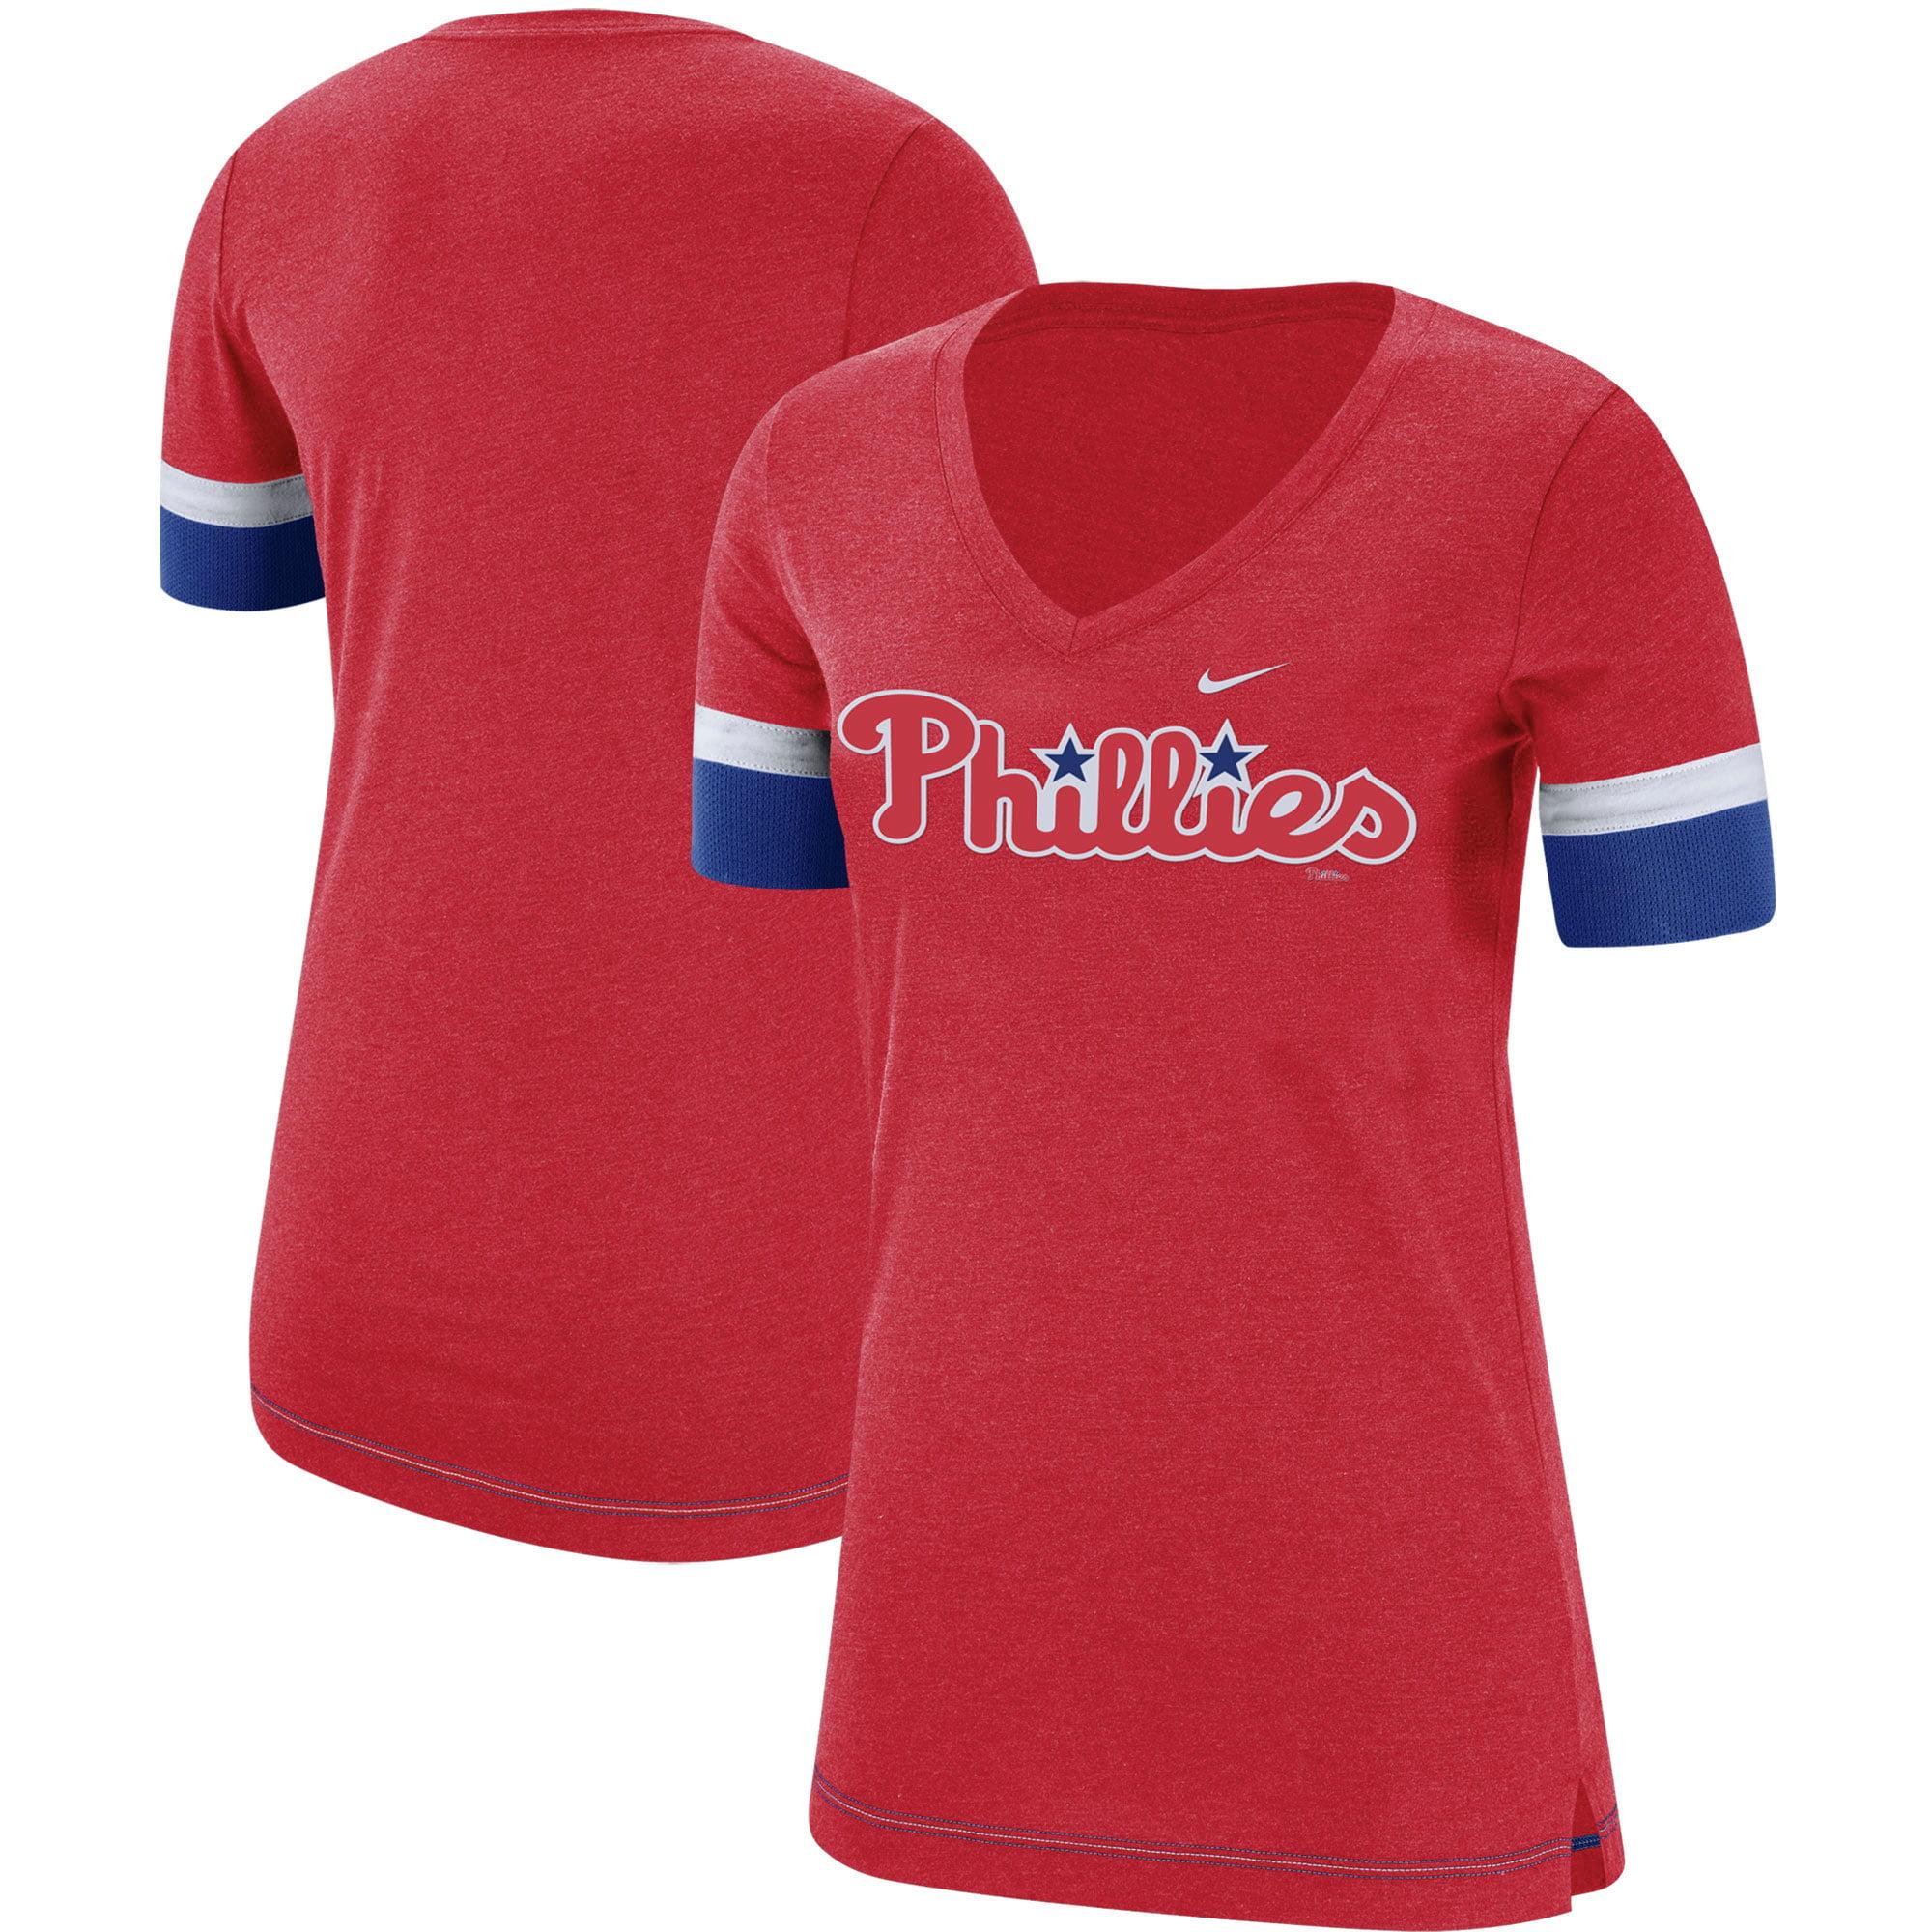 Philadelphia Phillies Nike Women's Mesh V-Neck T-Shirt - Red